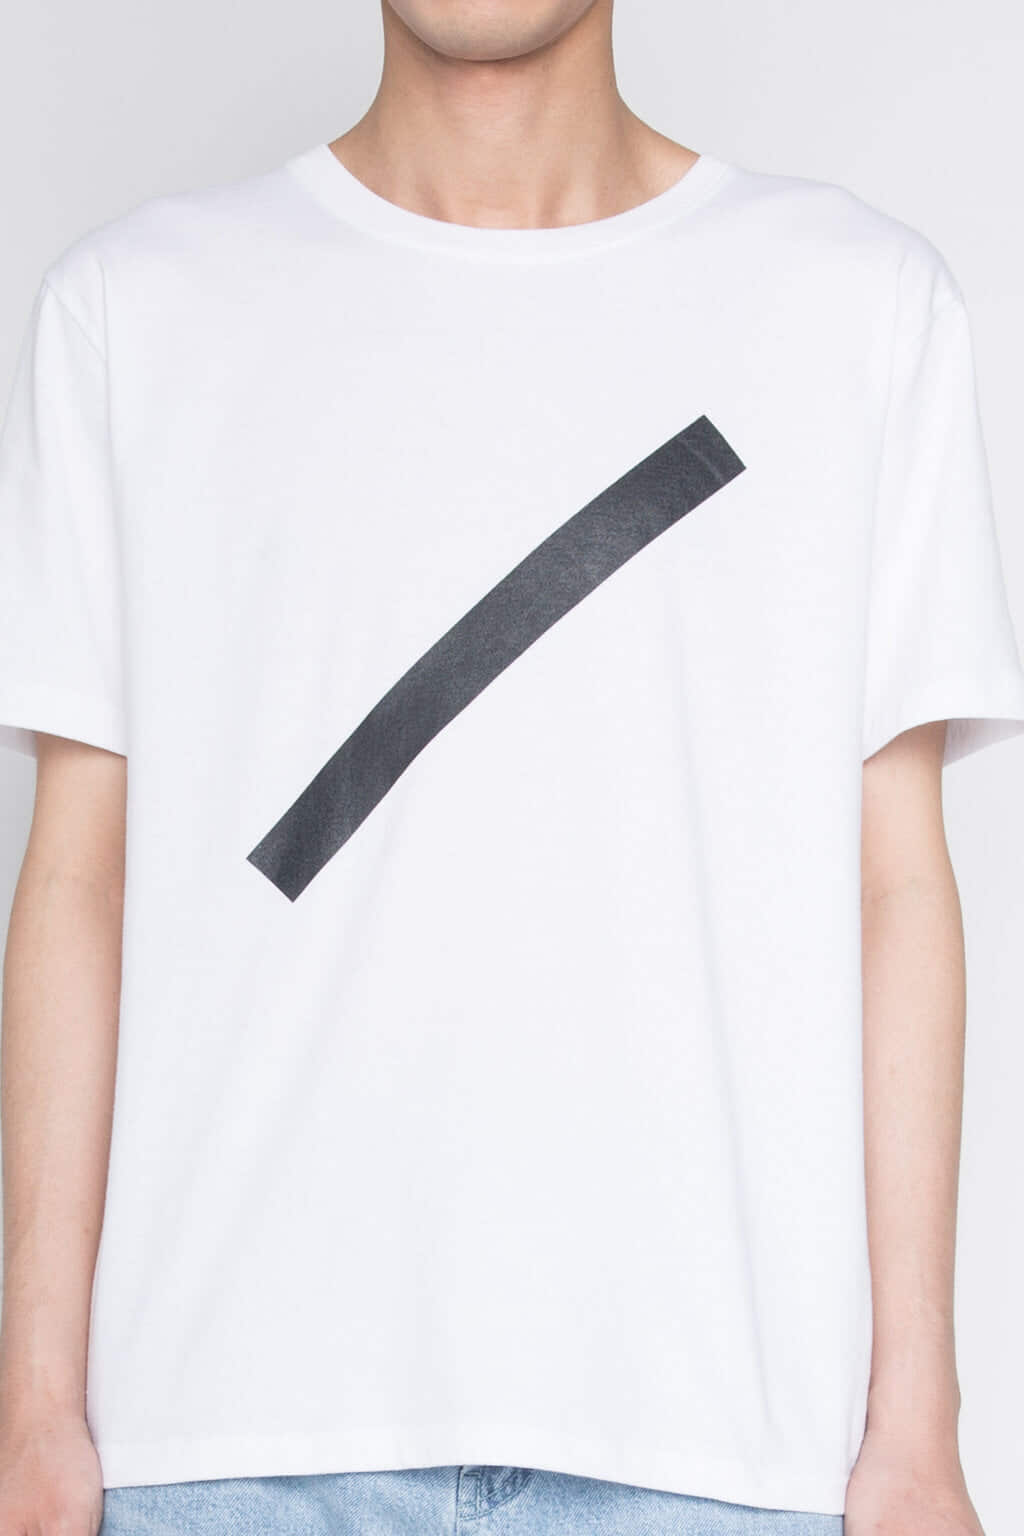 TShirt H180 White 2